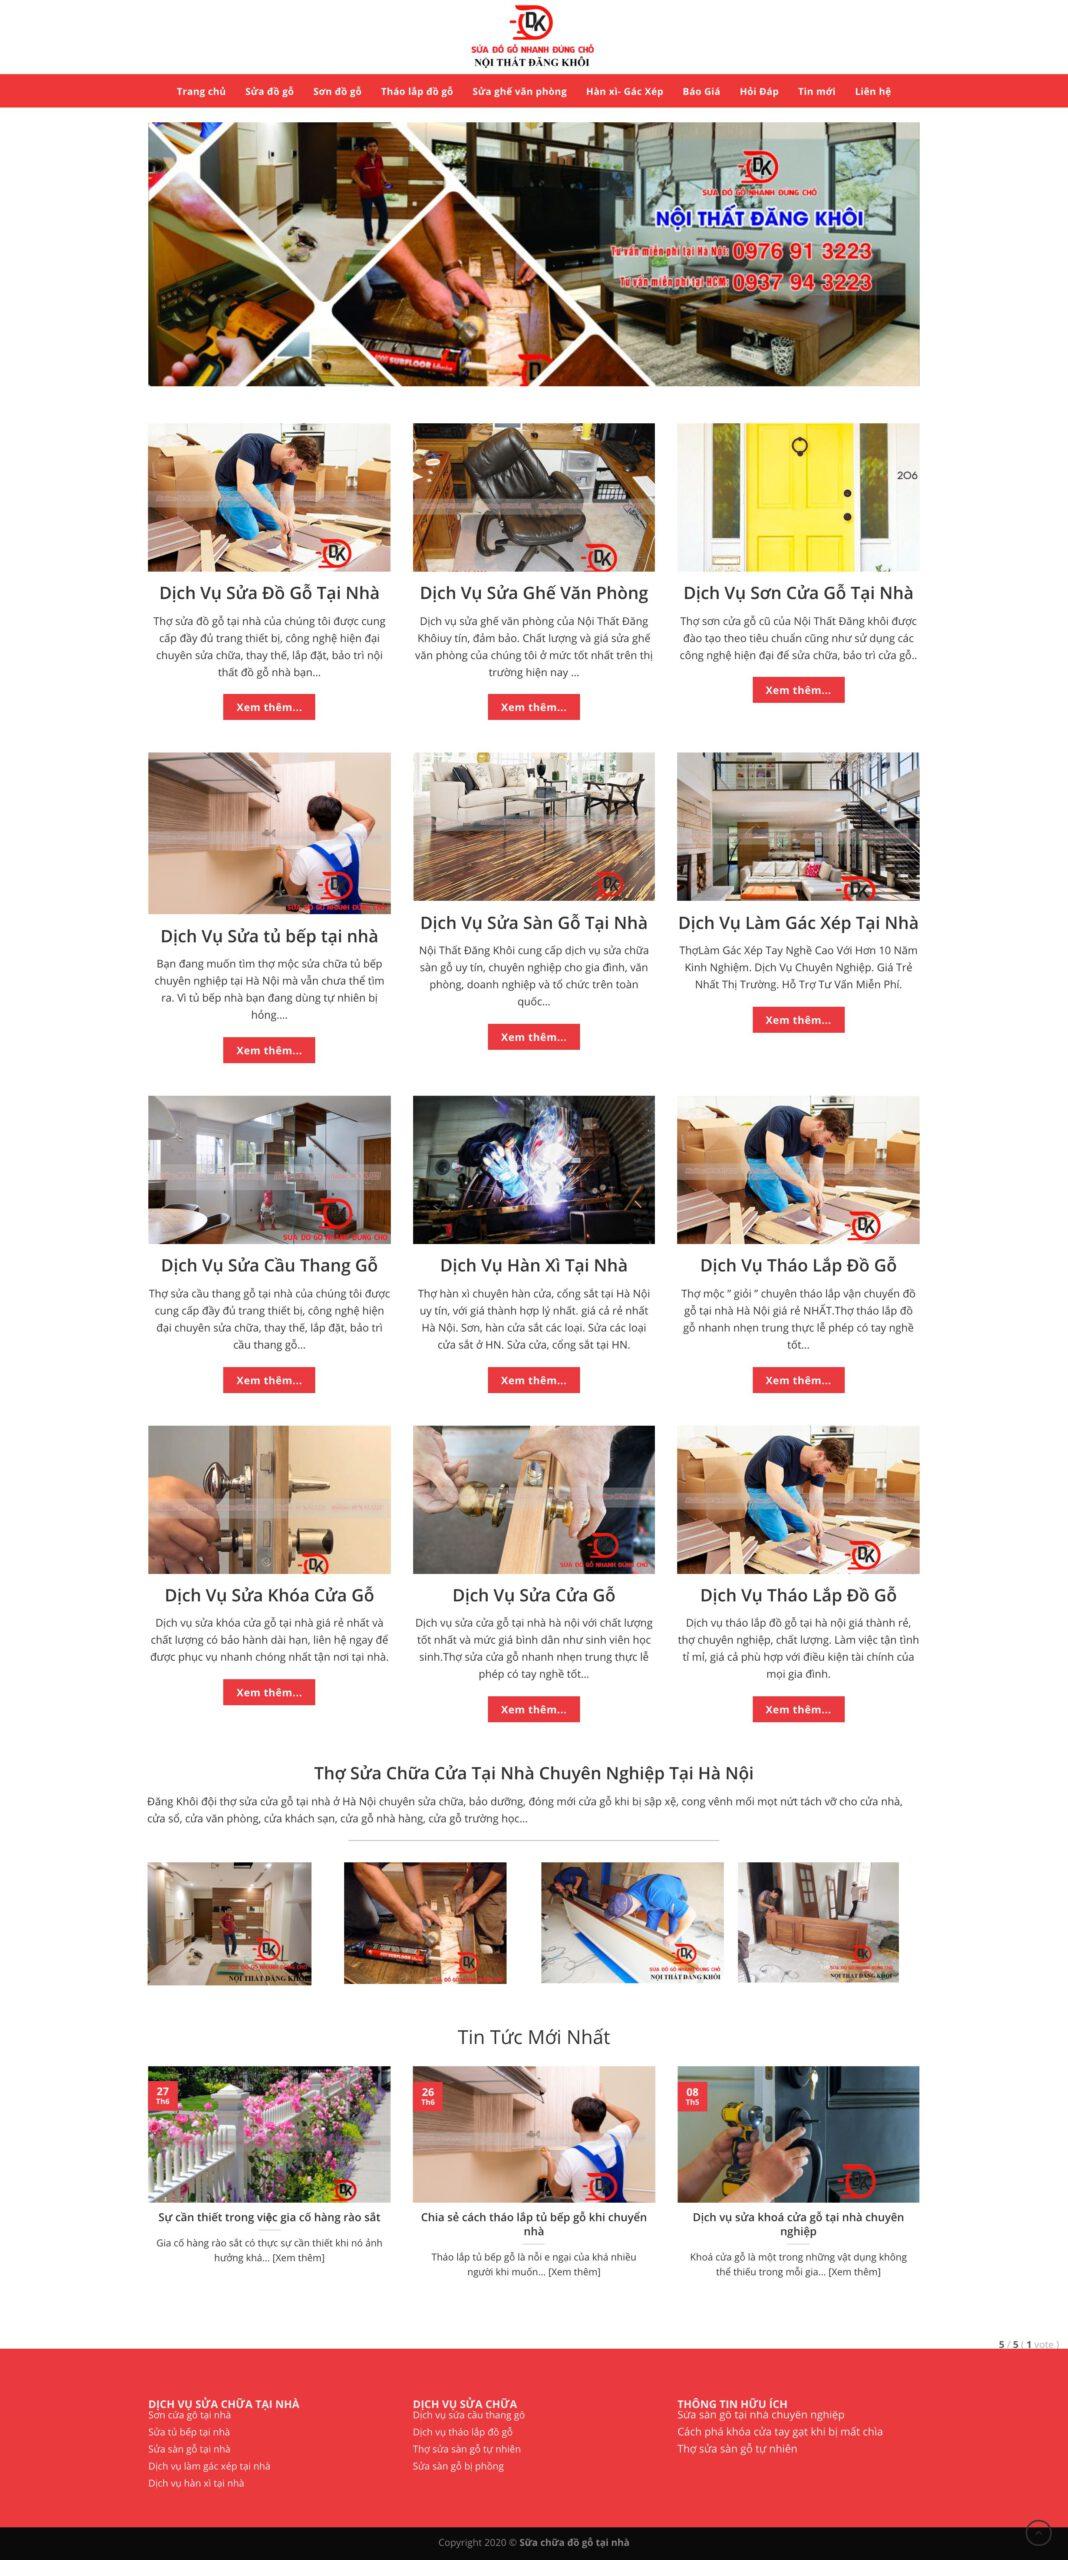 suadogo.com.vn